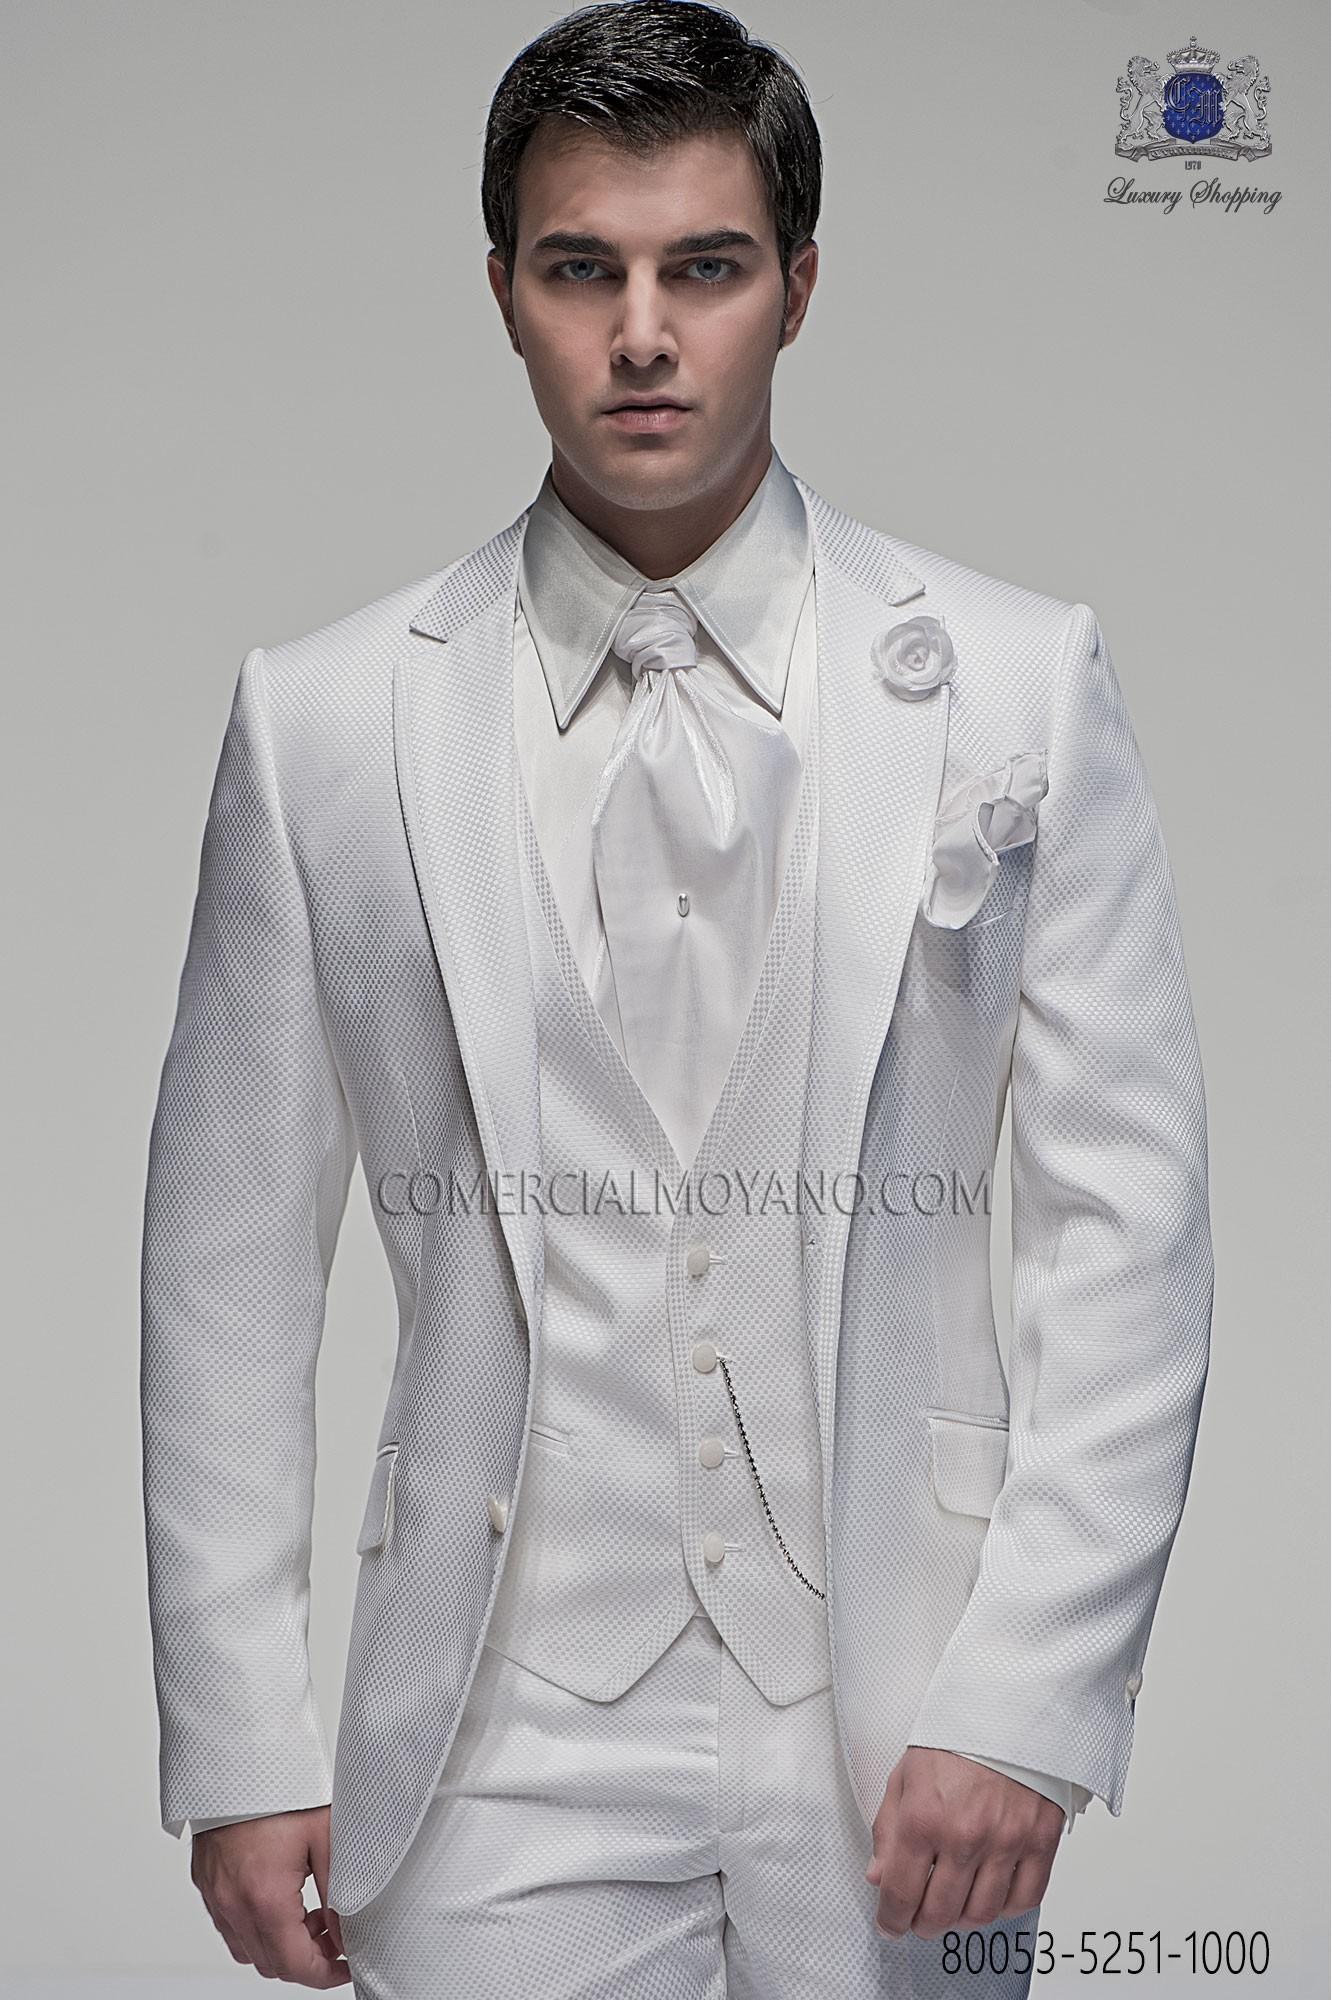 Italienisch maßgeschneiderte weiße Männer Hochzeit Anzug ON Gala.